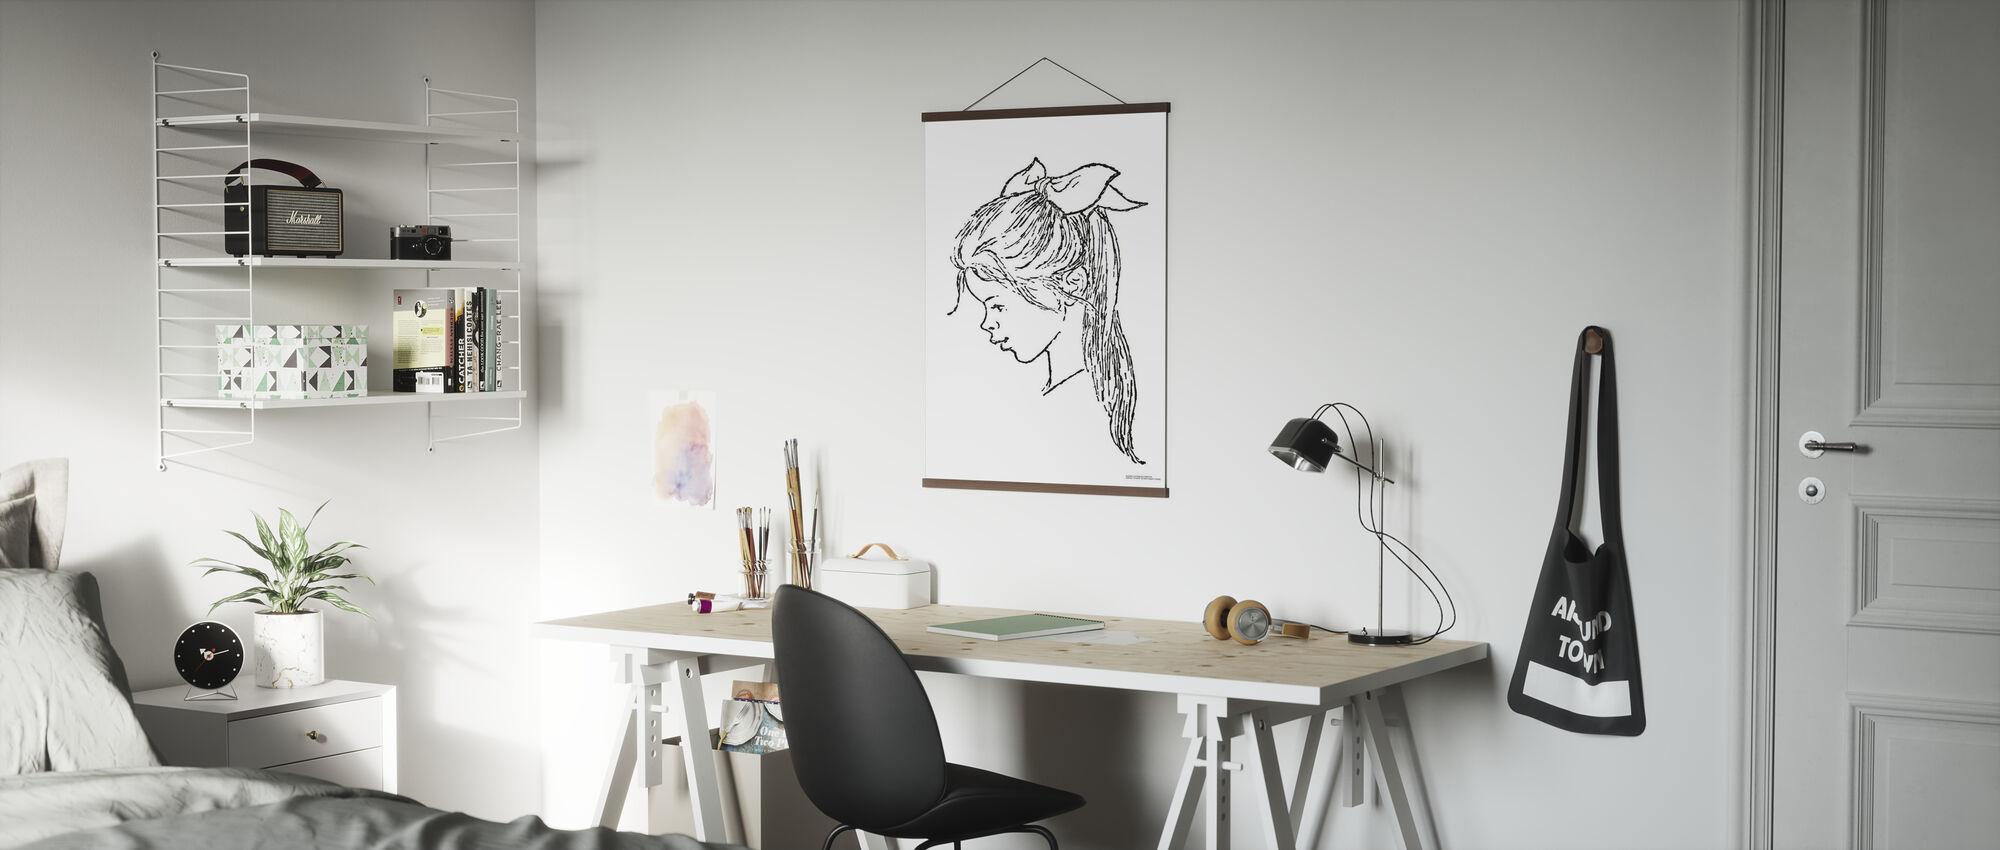 Ritratto di Madicken - Poster - Uffici